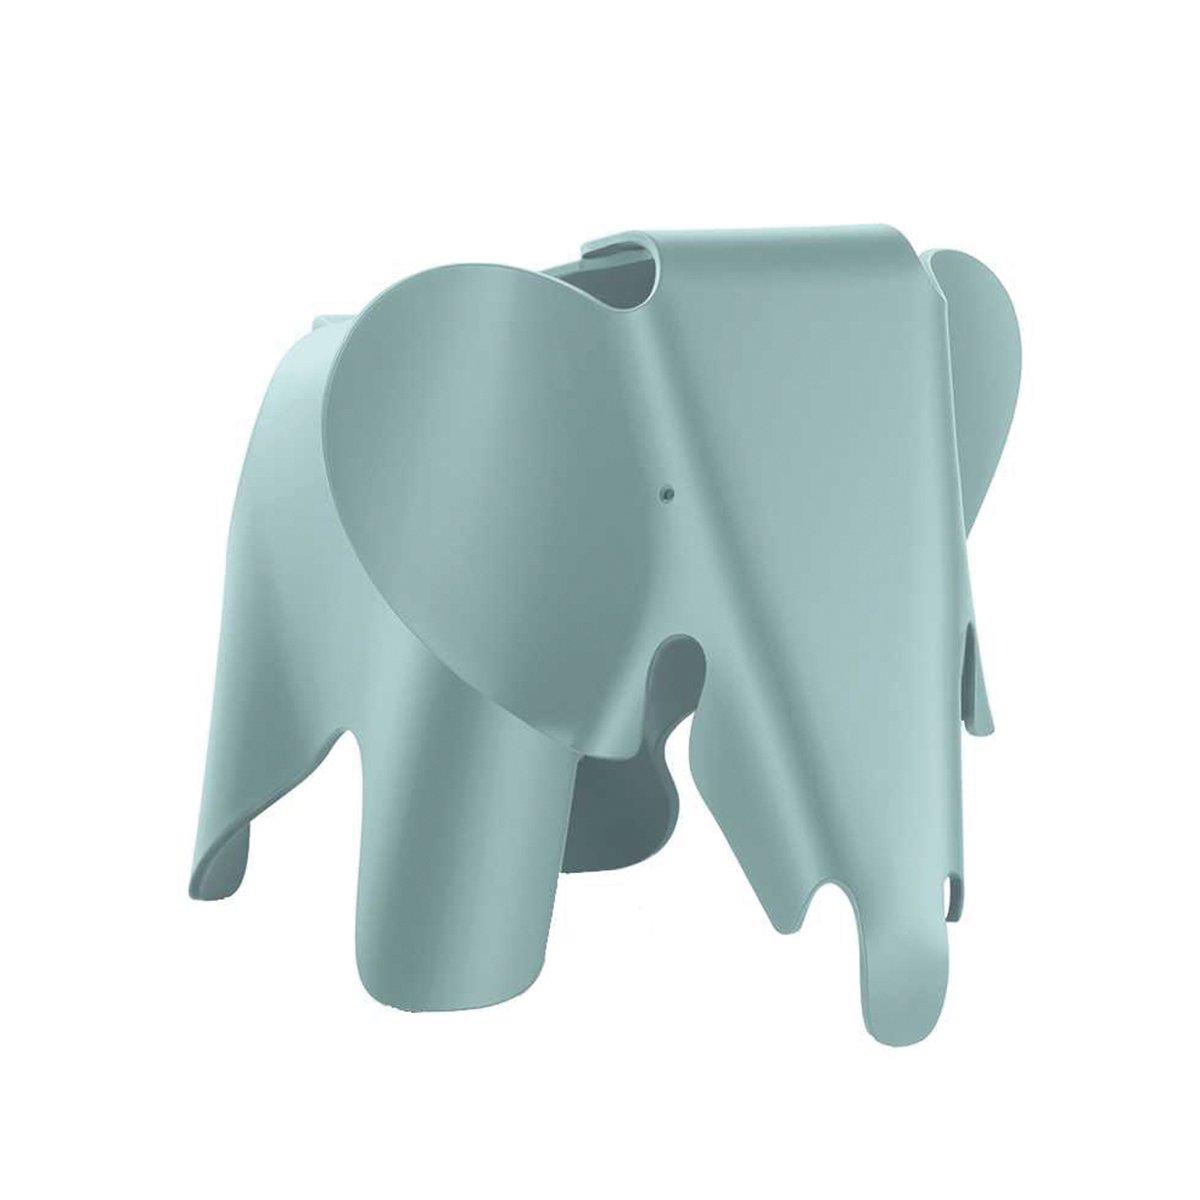 Vitra Eames Elephant Small Ice Grey